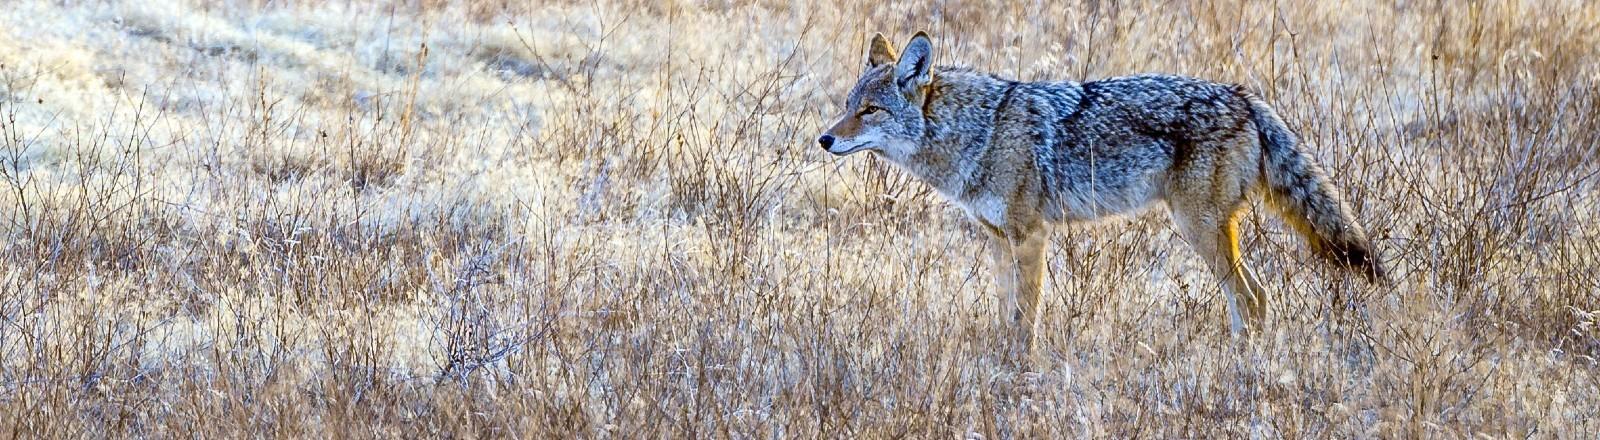 Ein Wolf läuft auf einer eingefrorenen Wiese